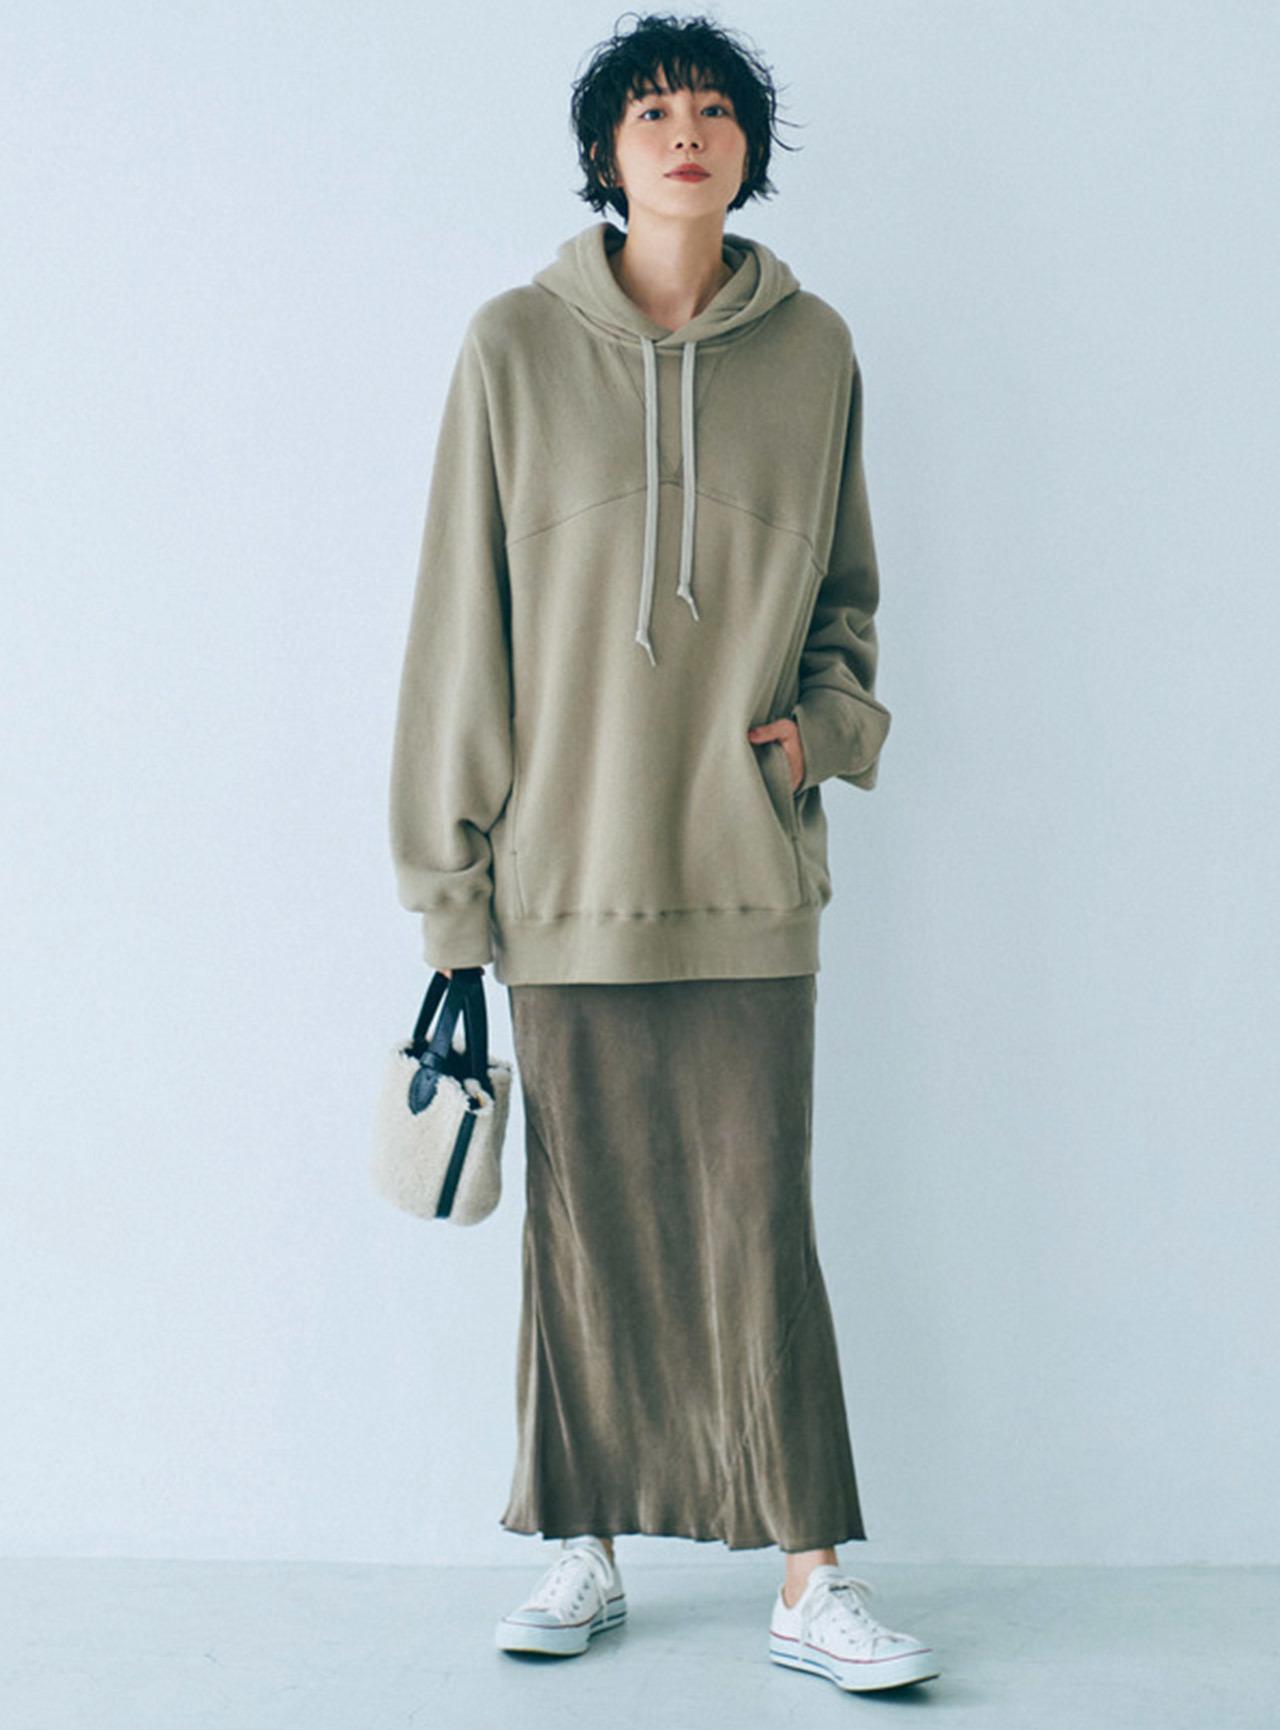 ■スウェットパーカ×ナローシルエットのスカートコーデ